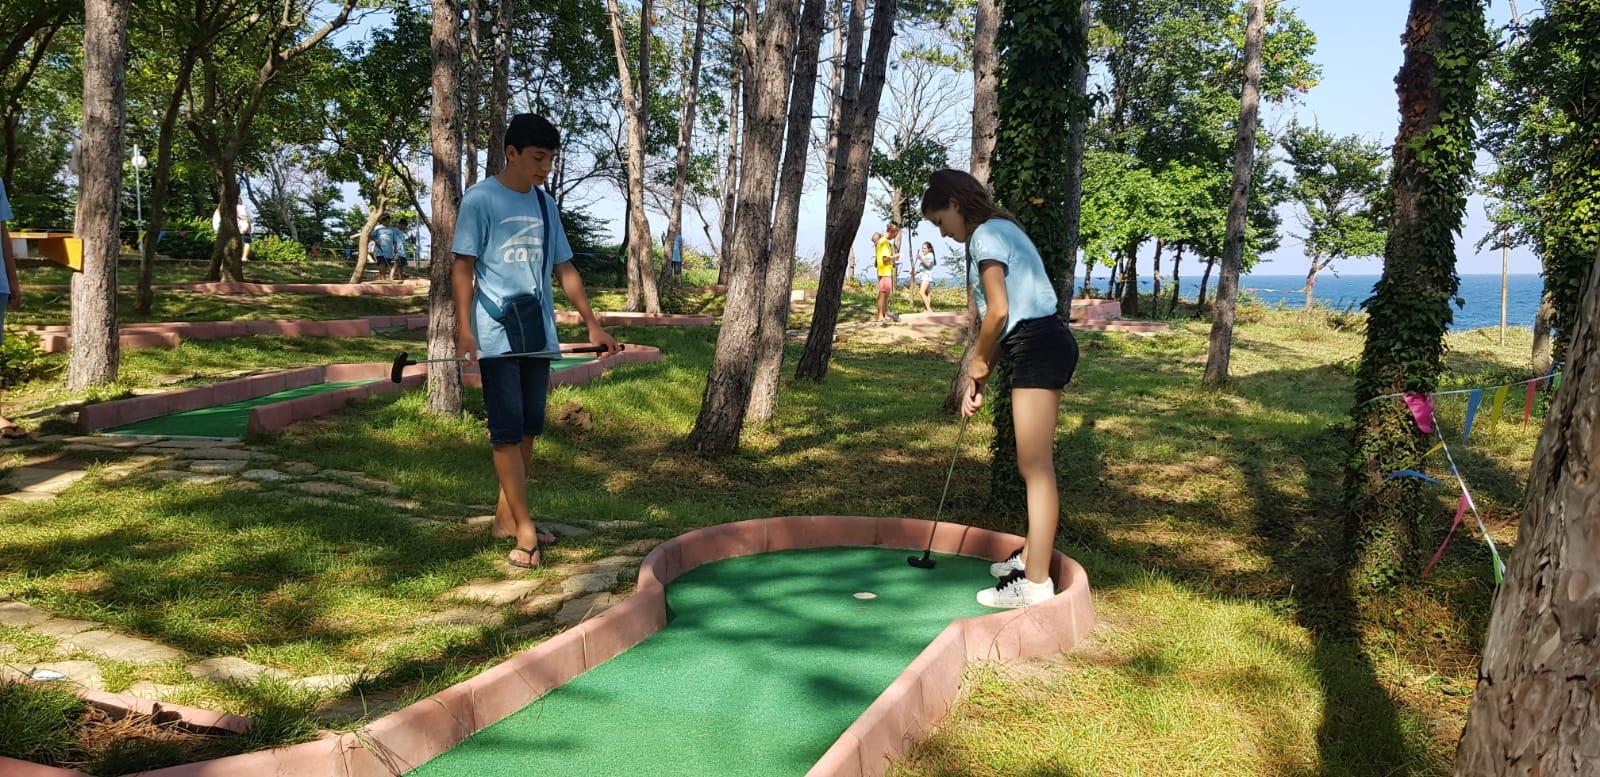 Z camp, day 19 - mini golf in Tsarevo - girl targets the ball